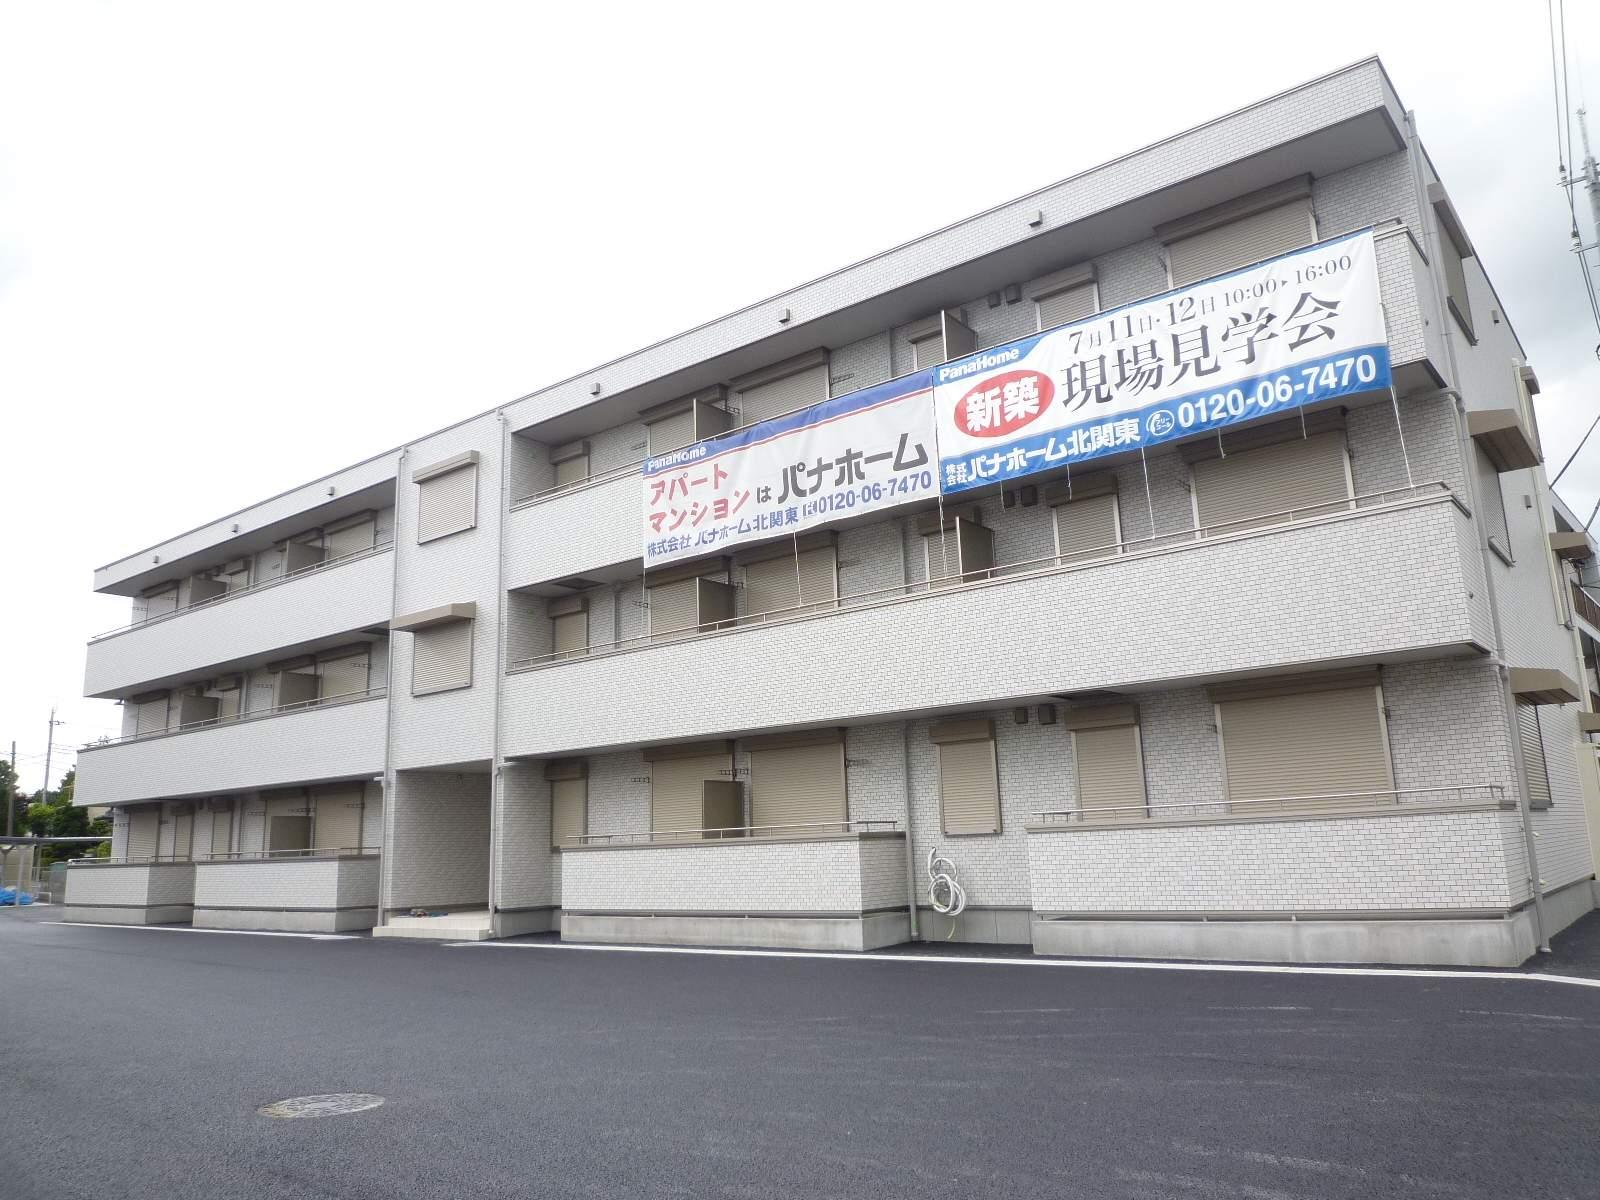 栃木県宇都宮市、雀宮駅バス60分岡新田下車後徒歩5分の築2年 3階建の賃貸アパート